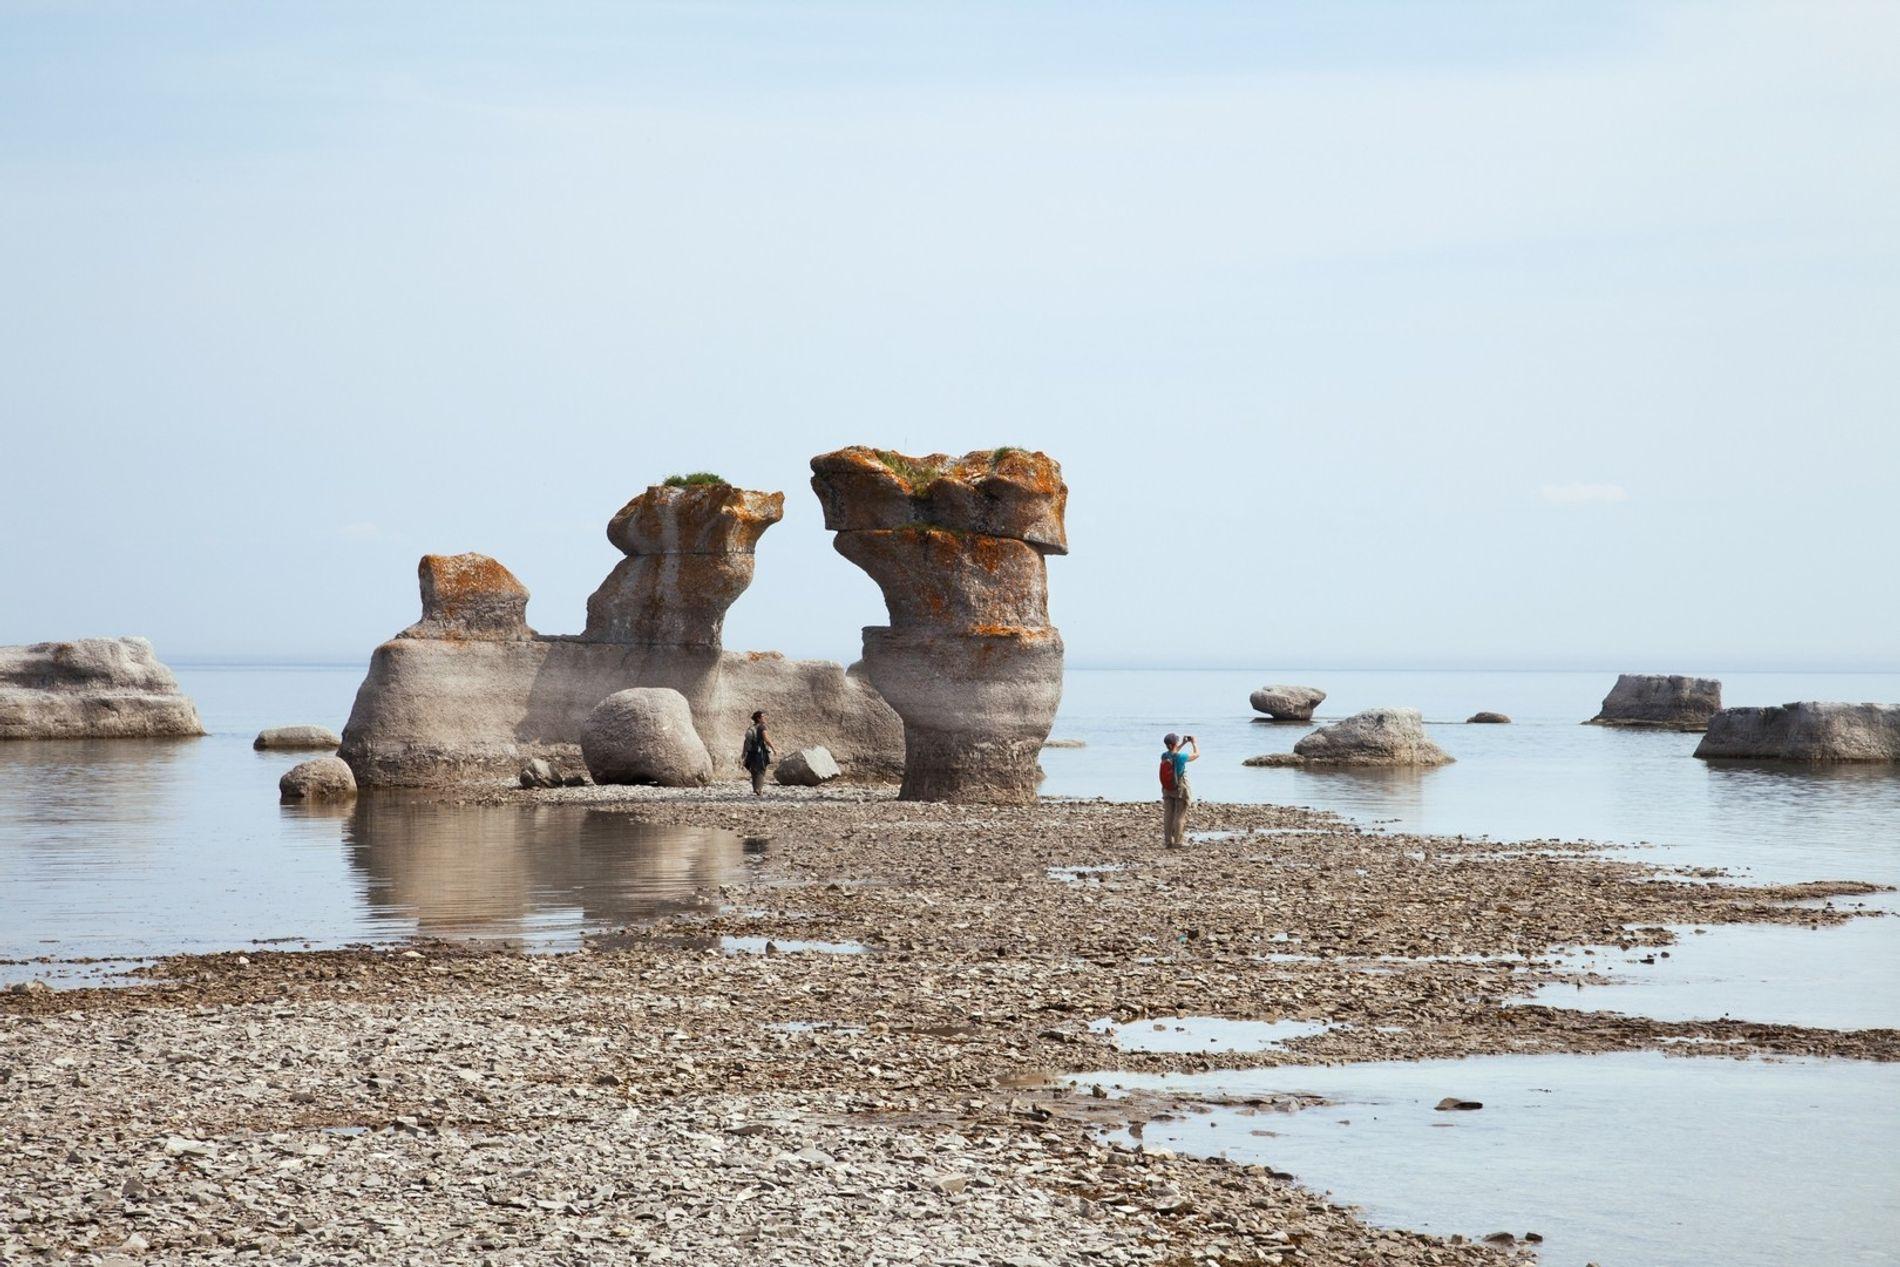 Die Inseln des Mingan-Archipelago-Nationalparks in Québec sind die Brutplätze von Papageitauchern und die Heimat verschiedener Walarten ...